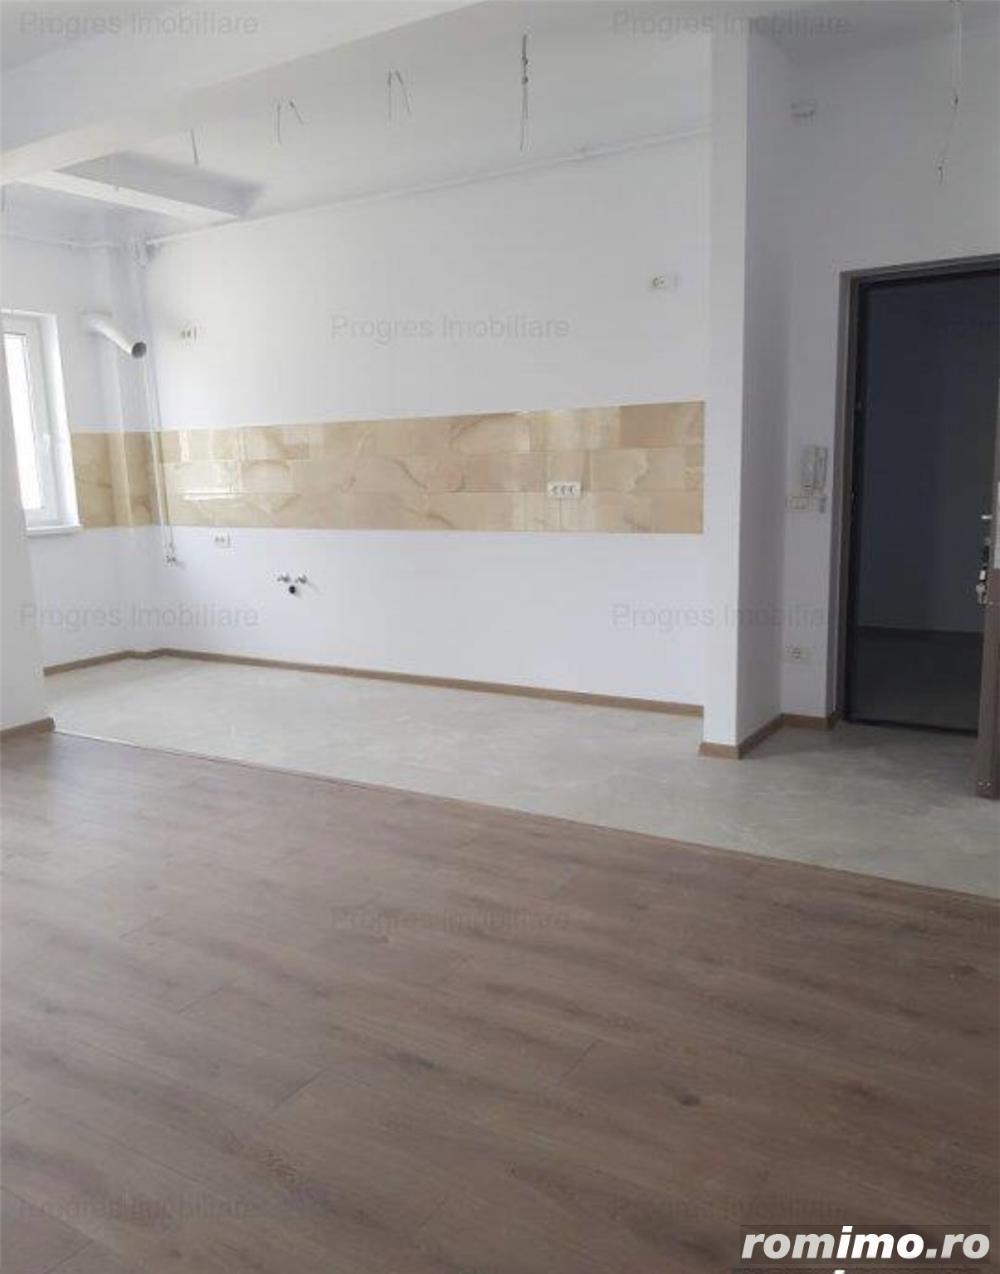 Ap. 2 camere-54.000 euro, hotel Iq